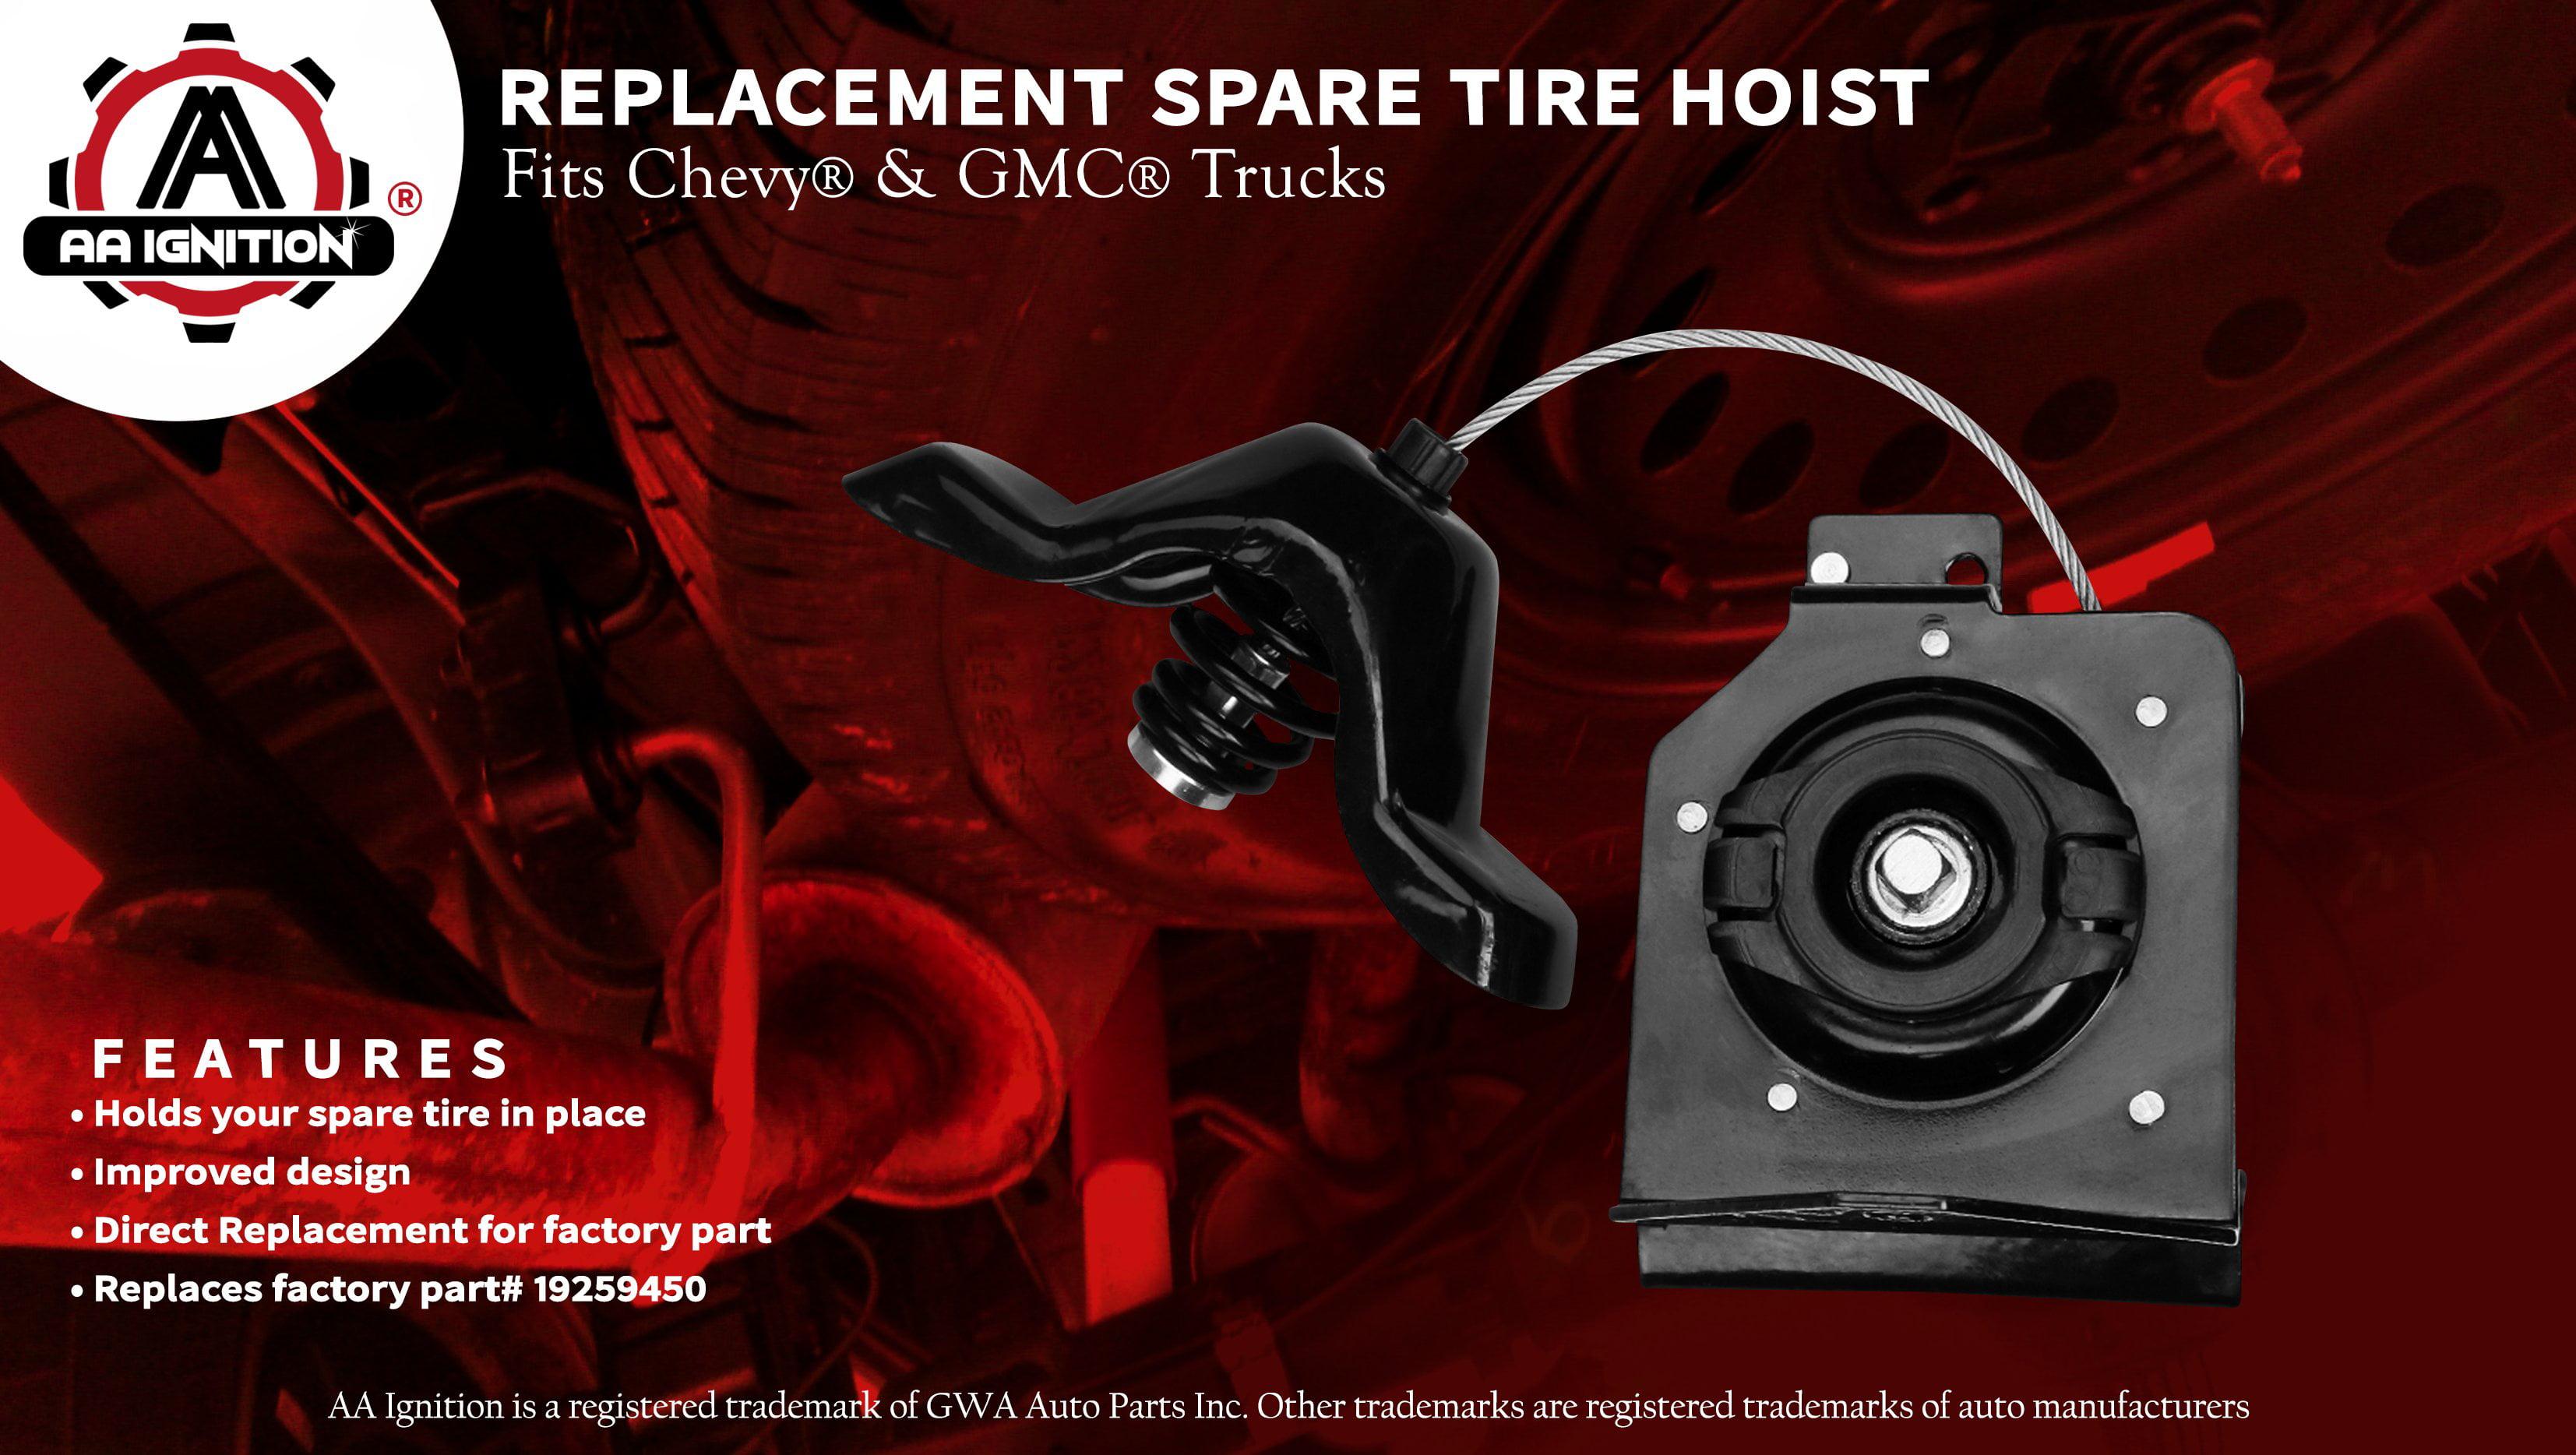 JSD 19259450 Spare Tire Hoist for GMC Sierra 2500 Spare Tire Winch for Chevy Silverado 2500 Spare Tire Hoist for Chevy Silverado 3500 HD Spare Tire Winch 924-502